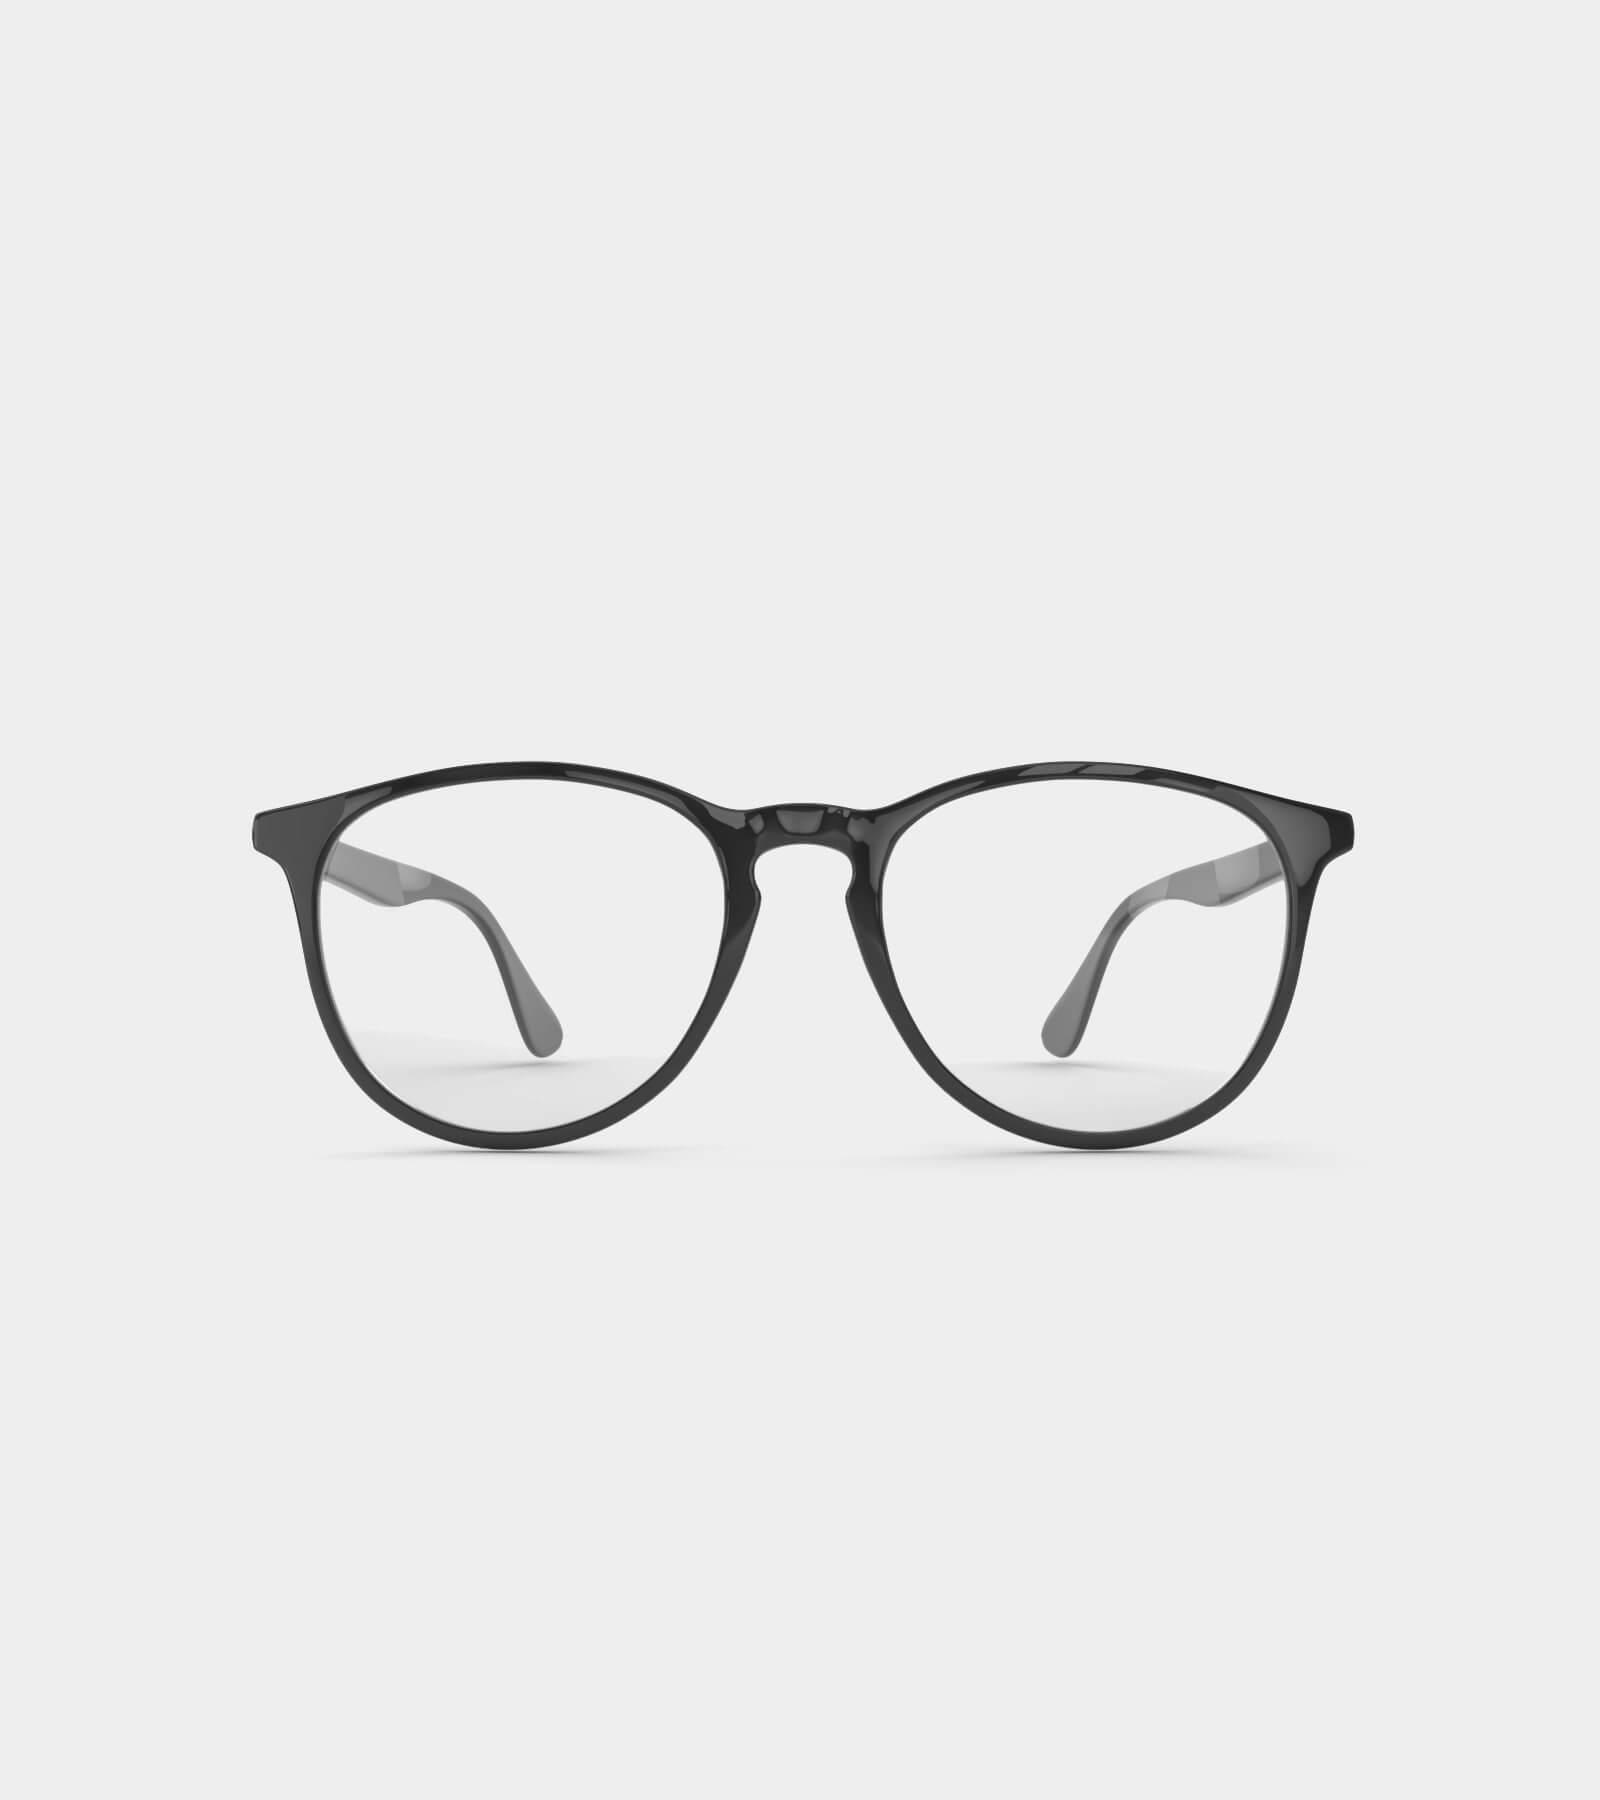 Glasses-2 3D Model